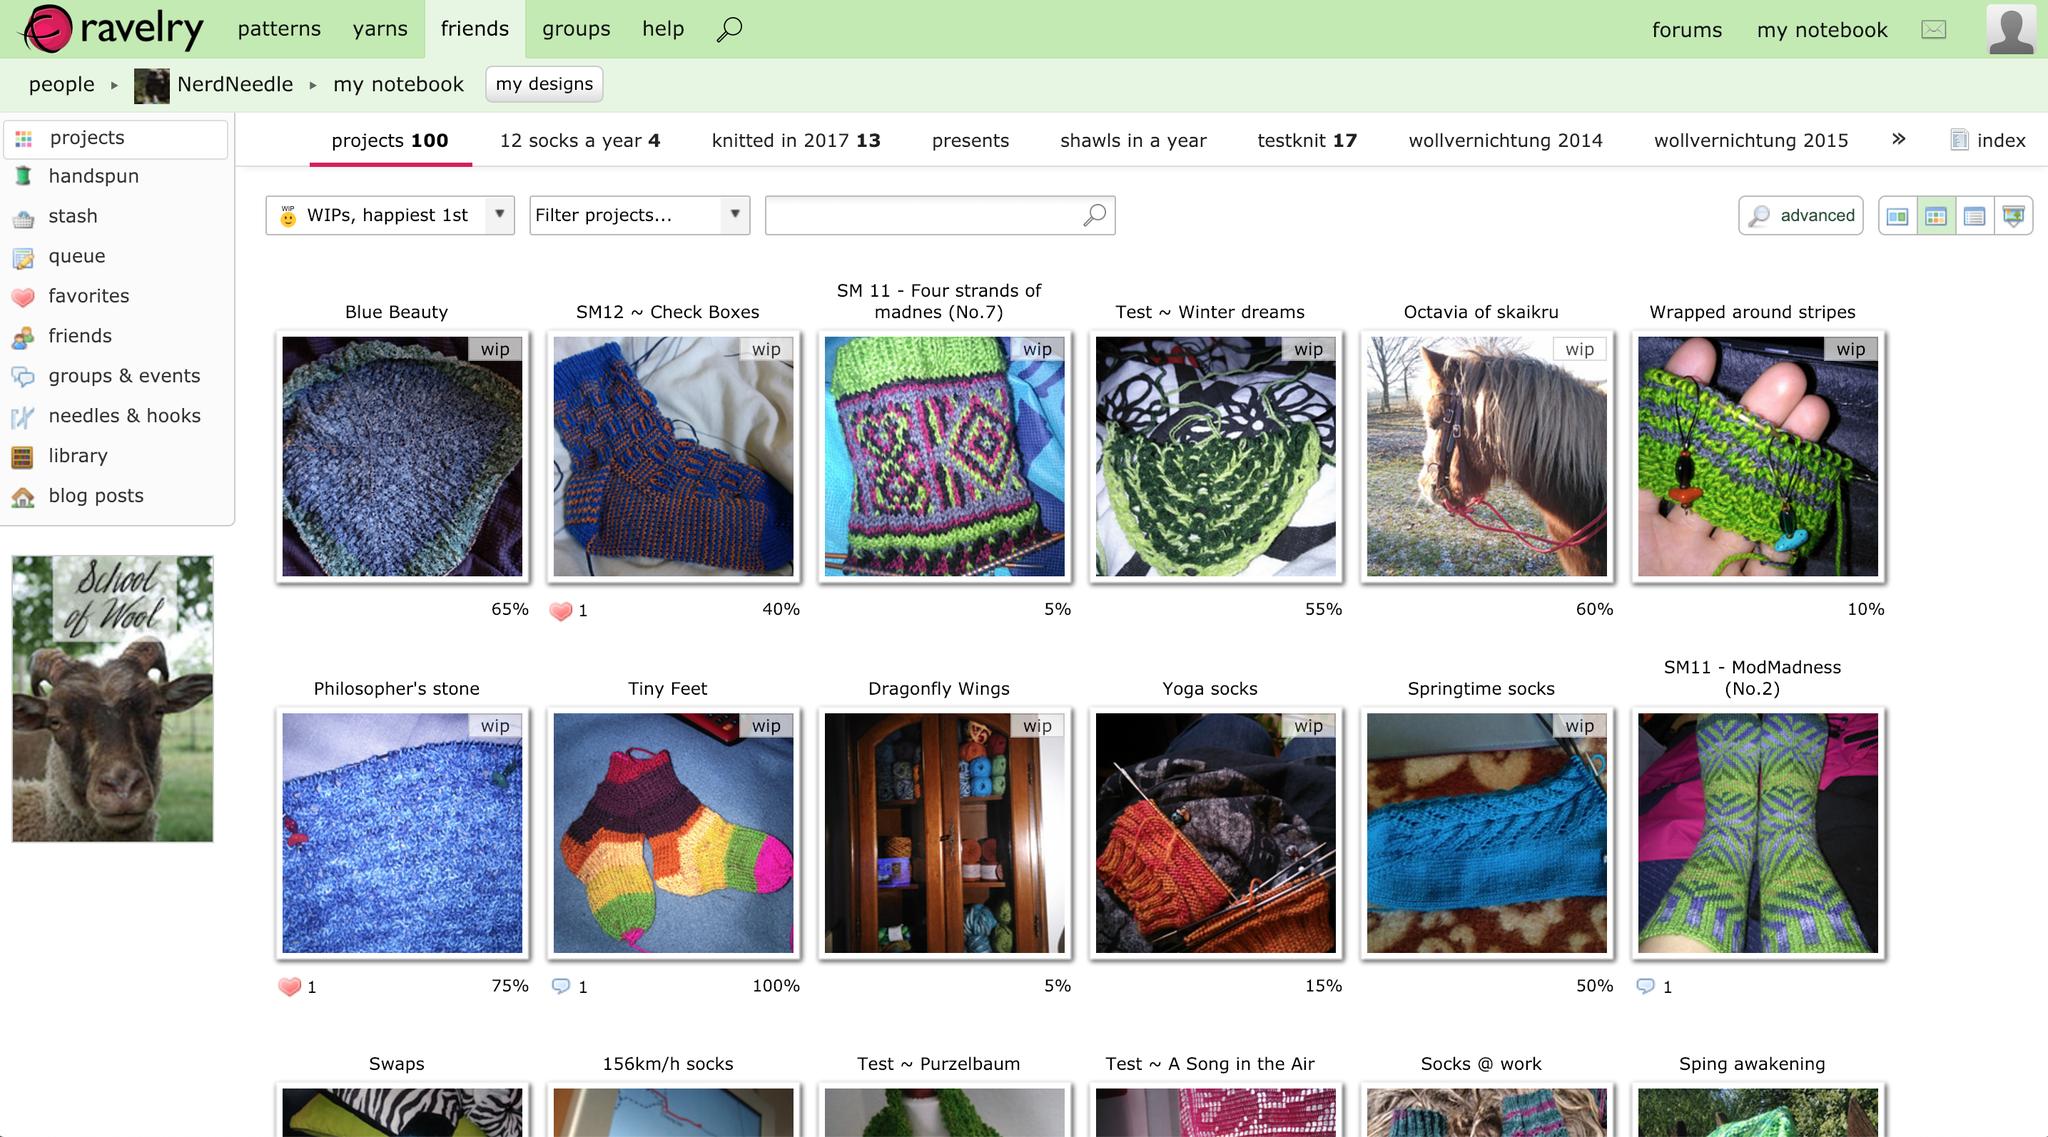 ravelry.com: Webplattform, mit der Strick- und Nähprojekte präsentiert, geteilt und verwaltet werden können für Privatpersonen.